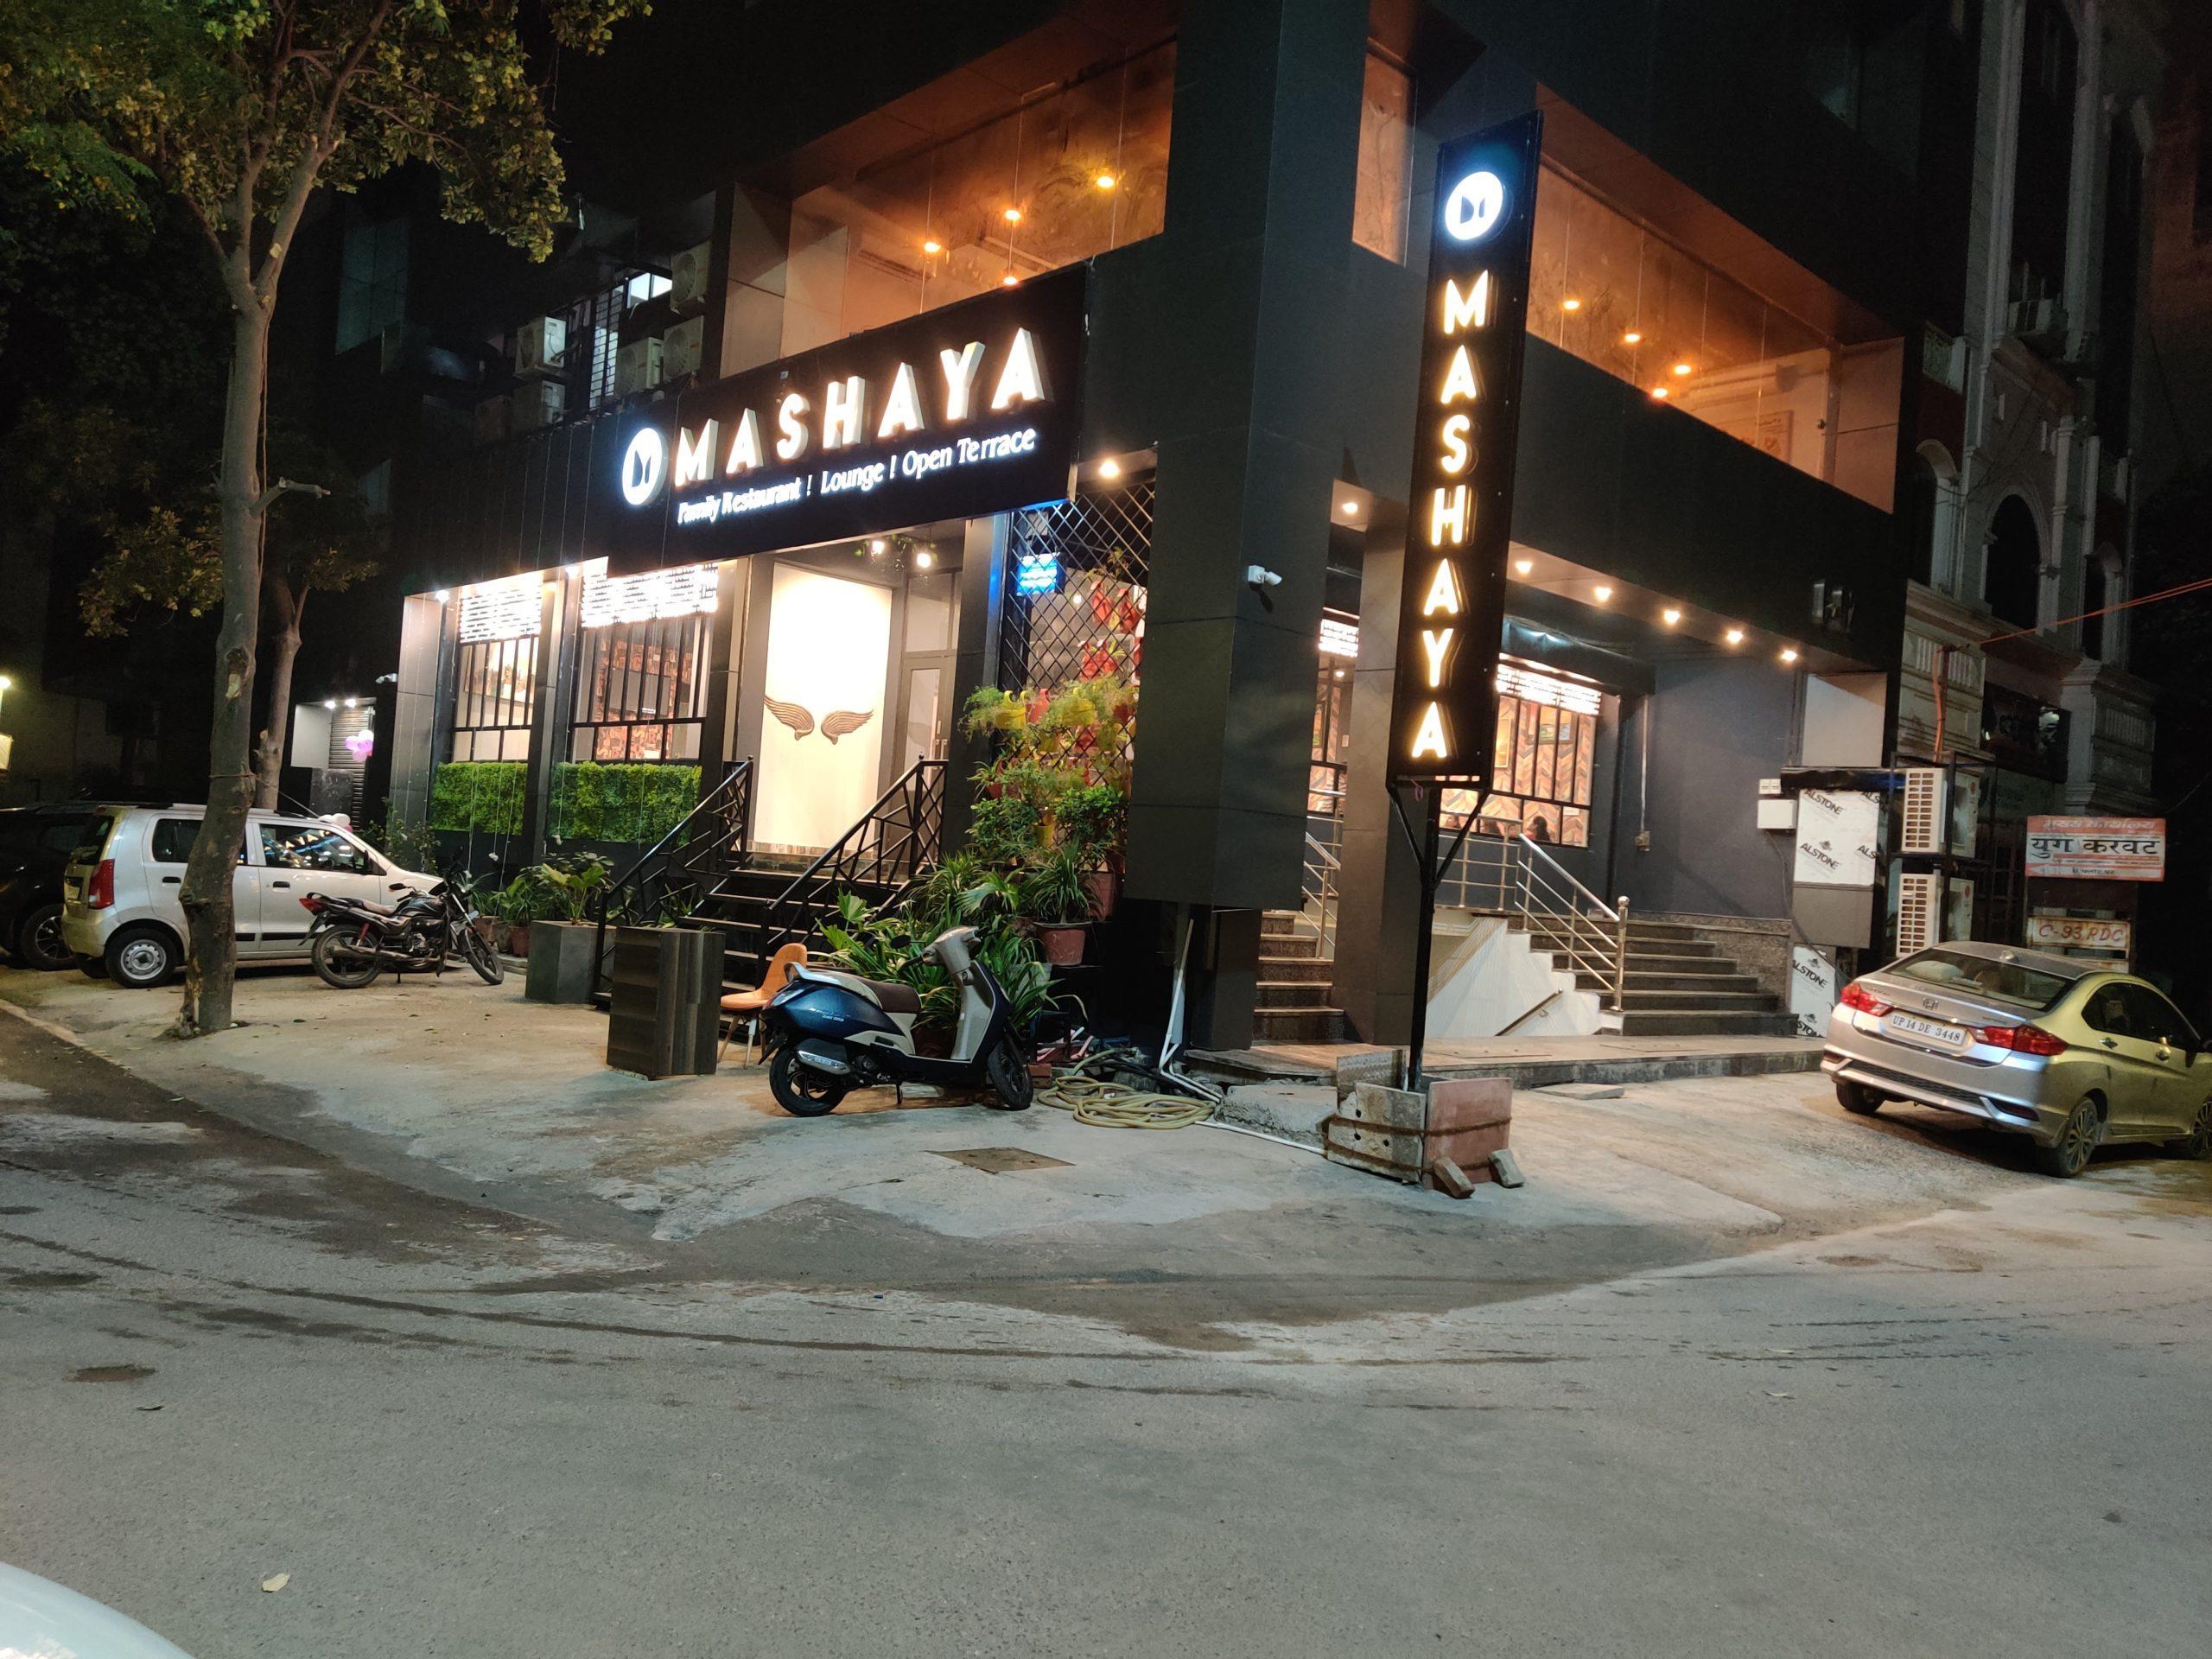 The Mashaya Restaurant Ghaziabad